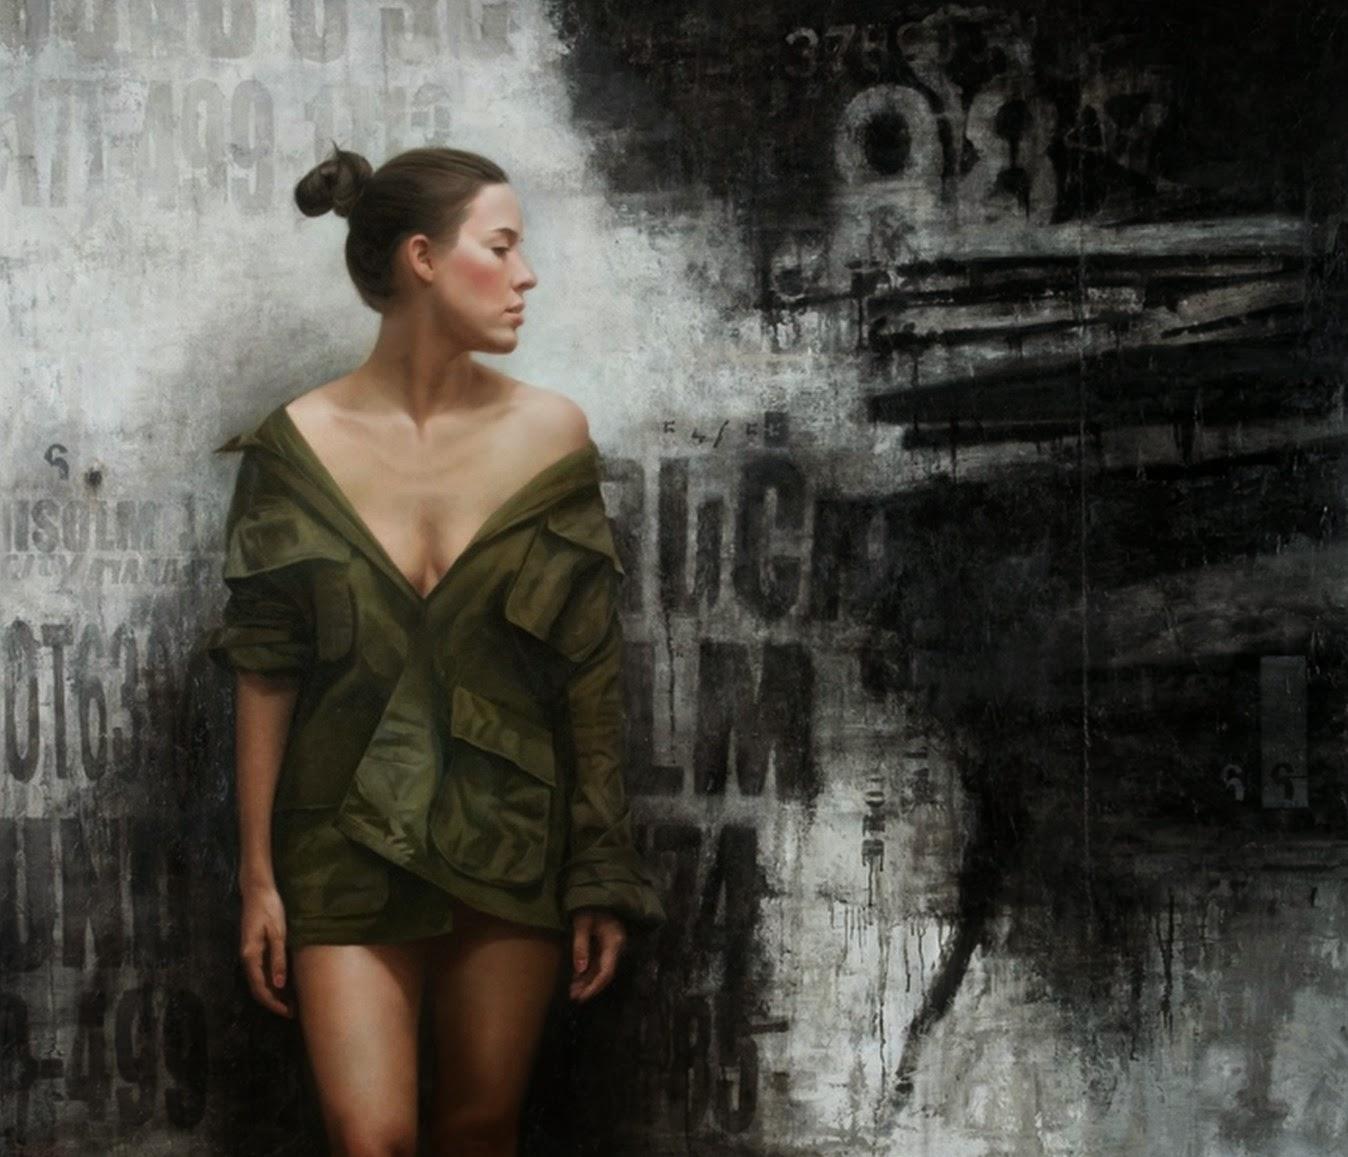 artisticos-retratos-de-mujeres